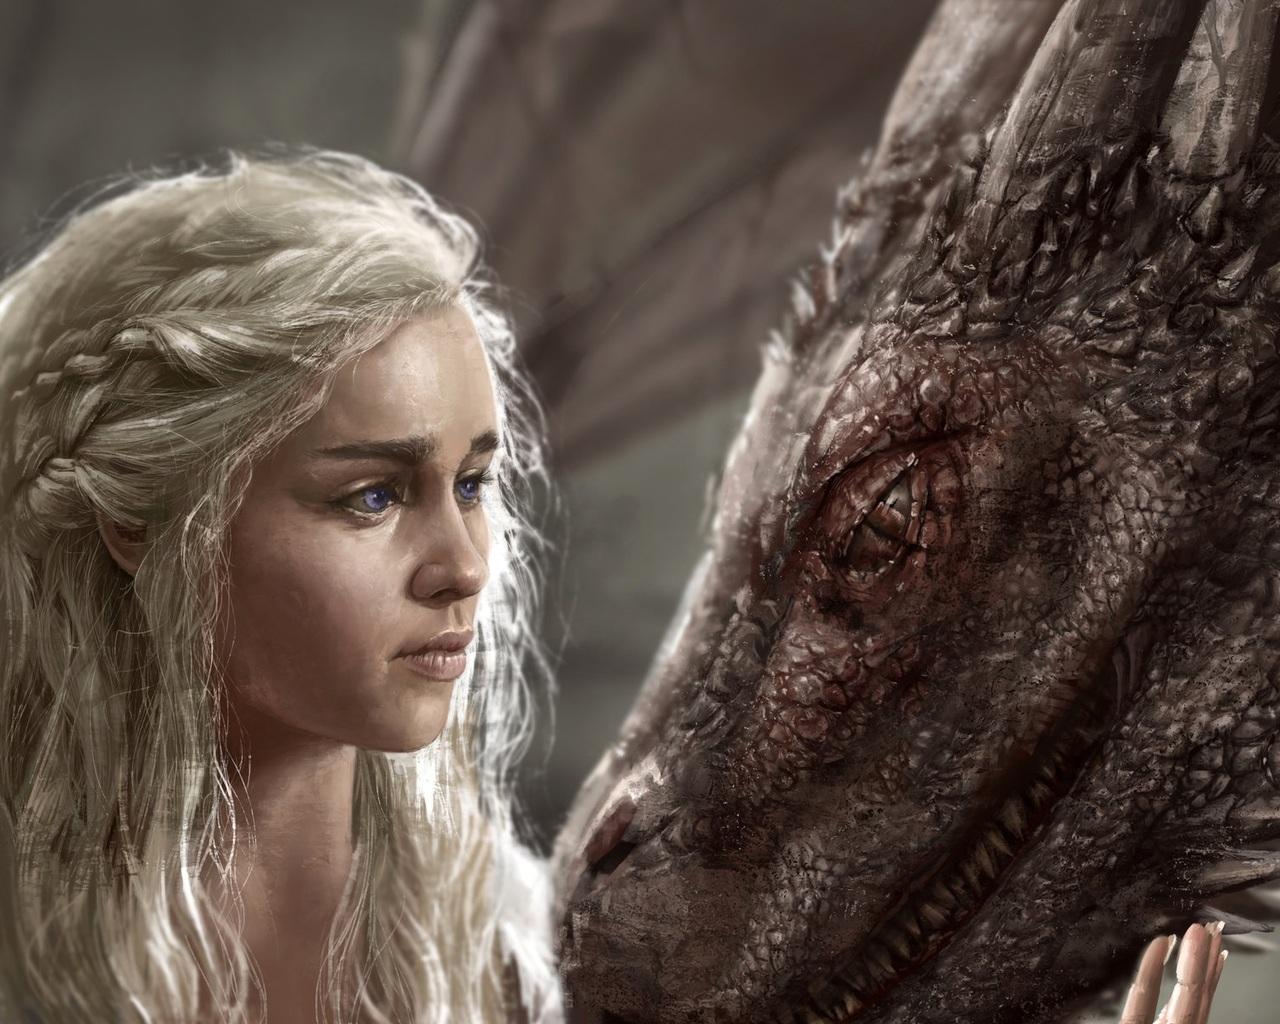 daenerys-targaryen-art-ad.jpg